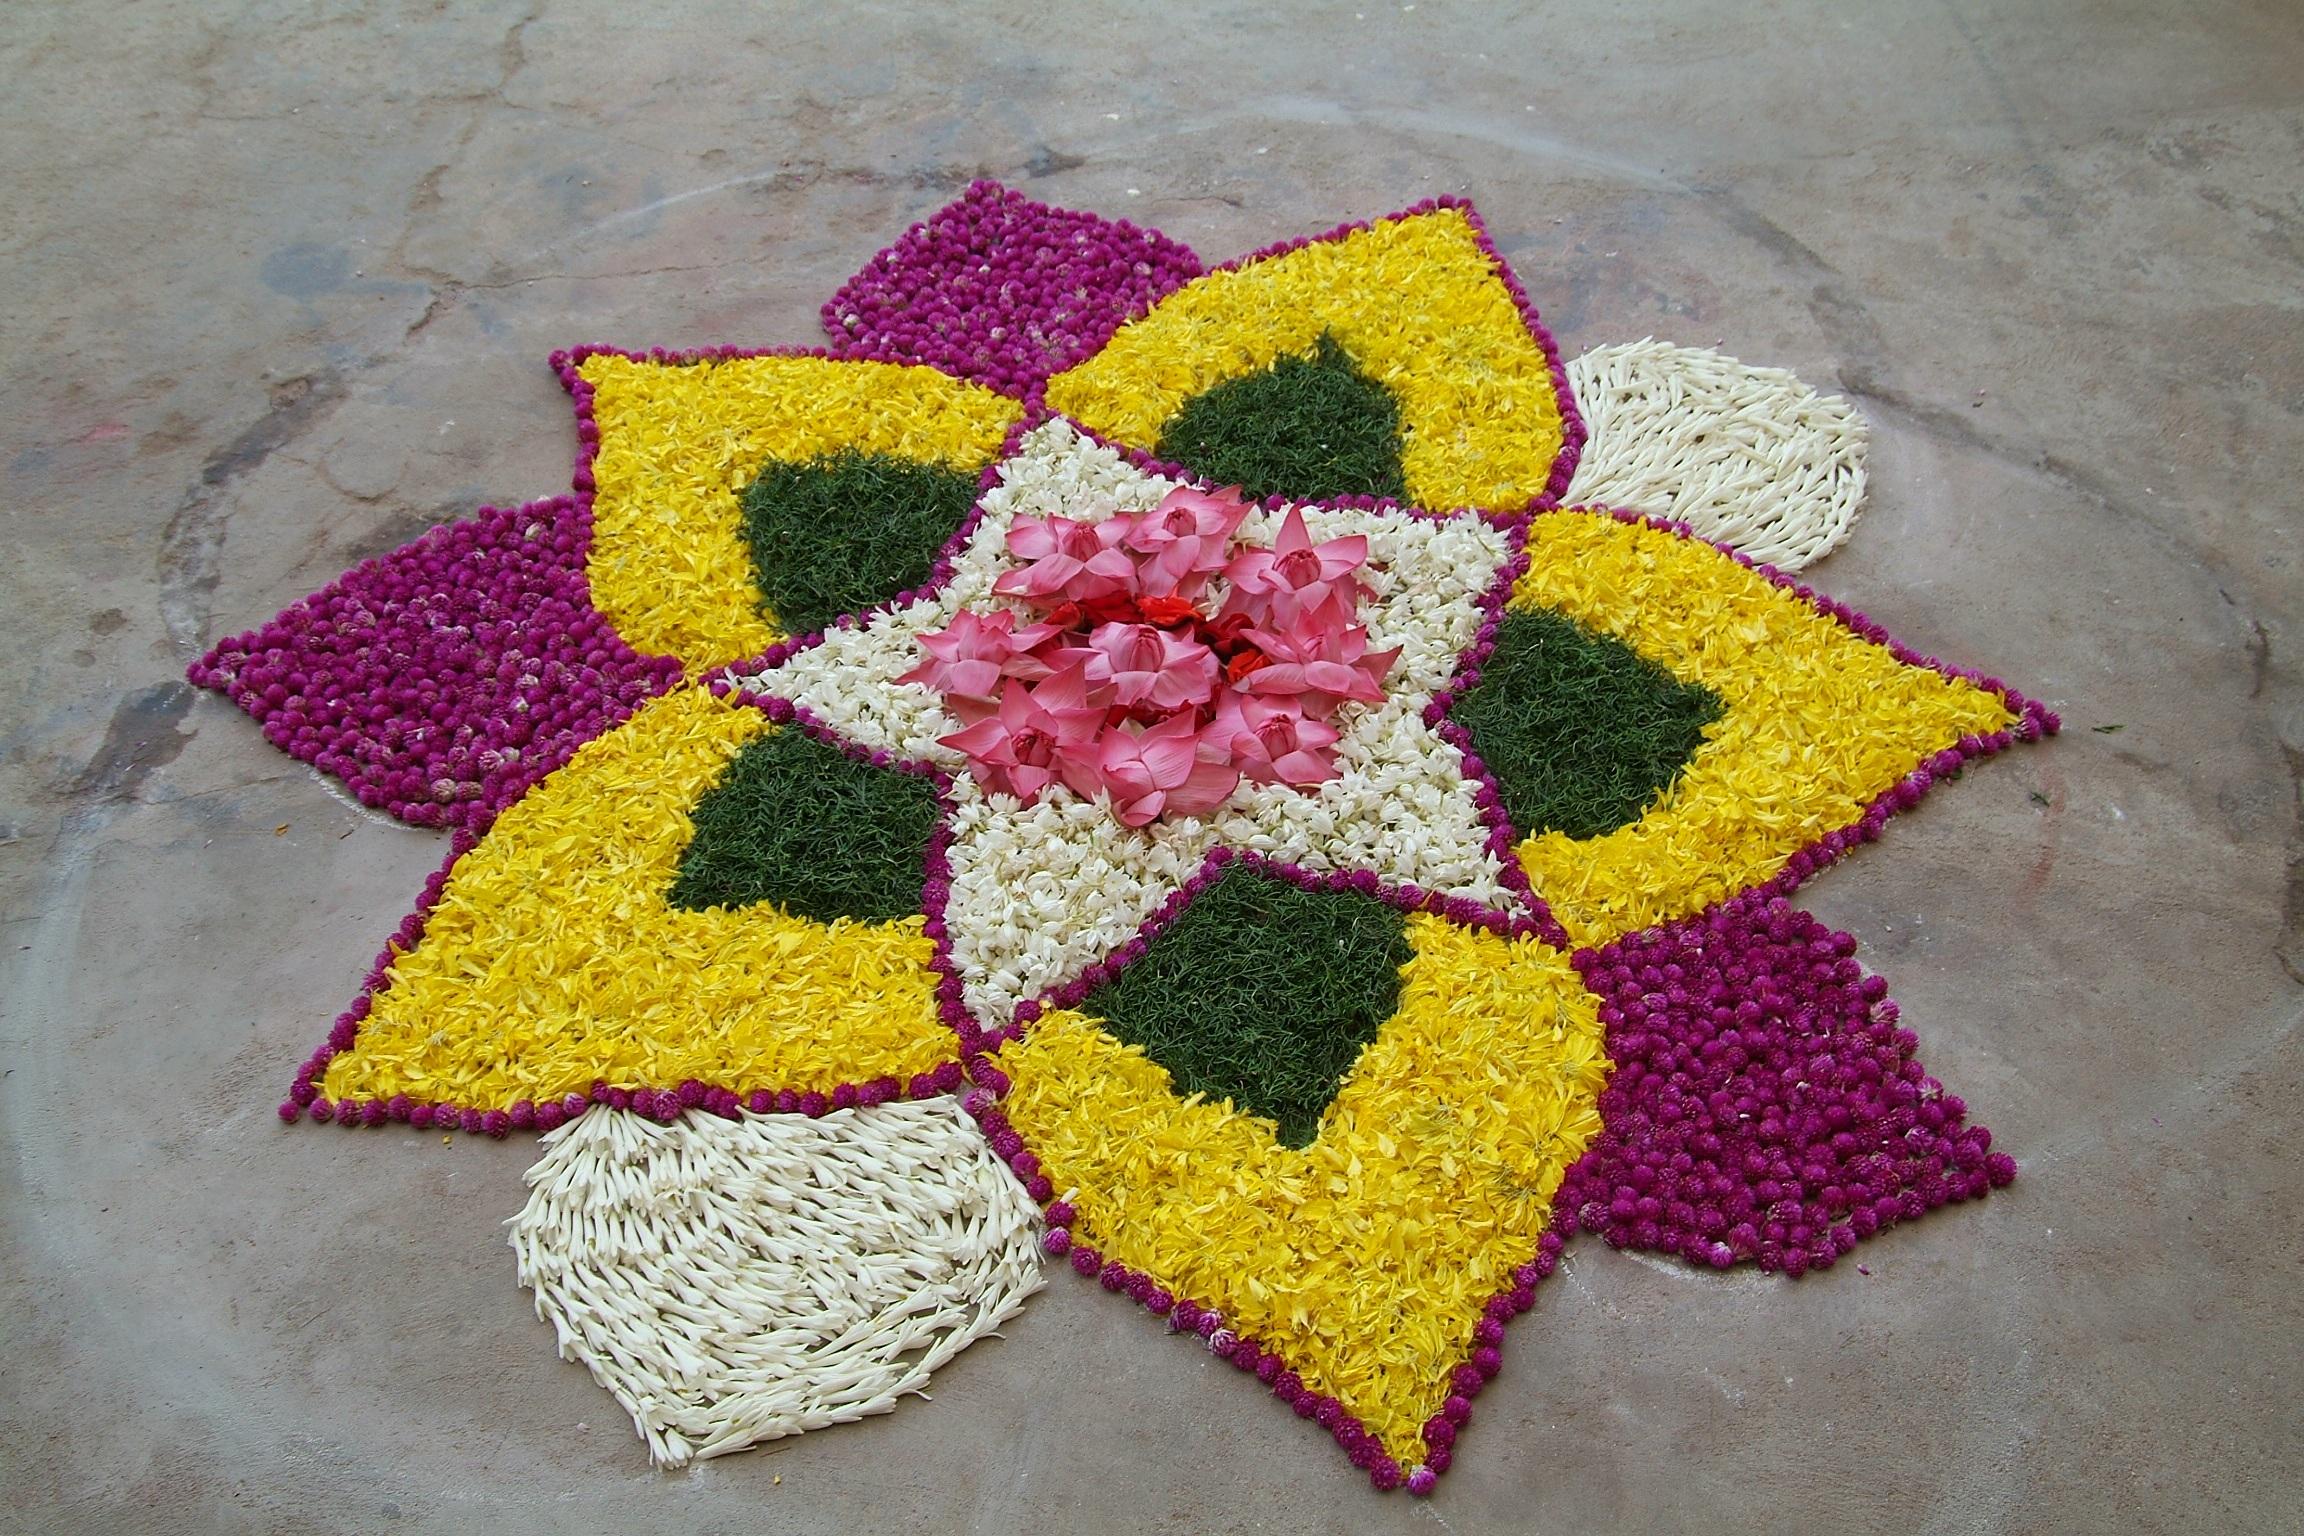 Fotos gratis : flor, pétalo, patrón, color, amarillo, material ...